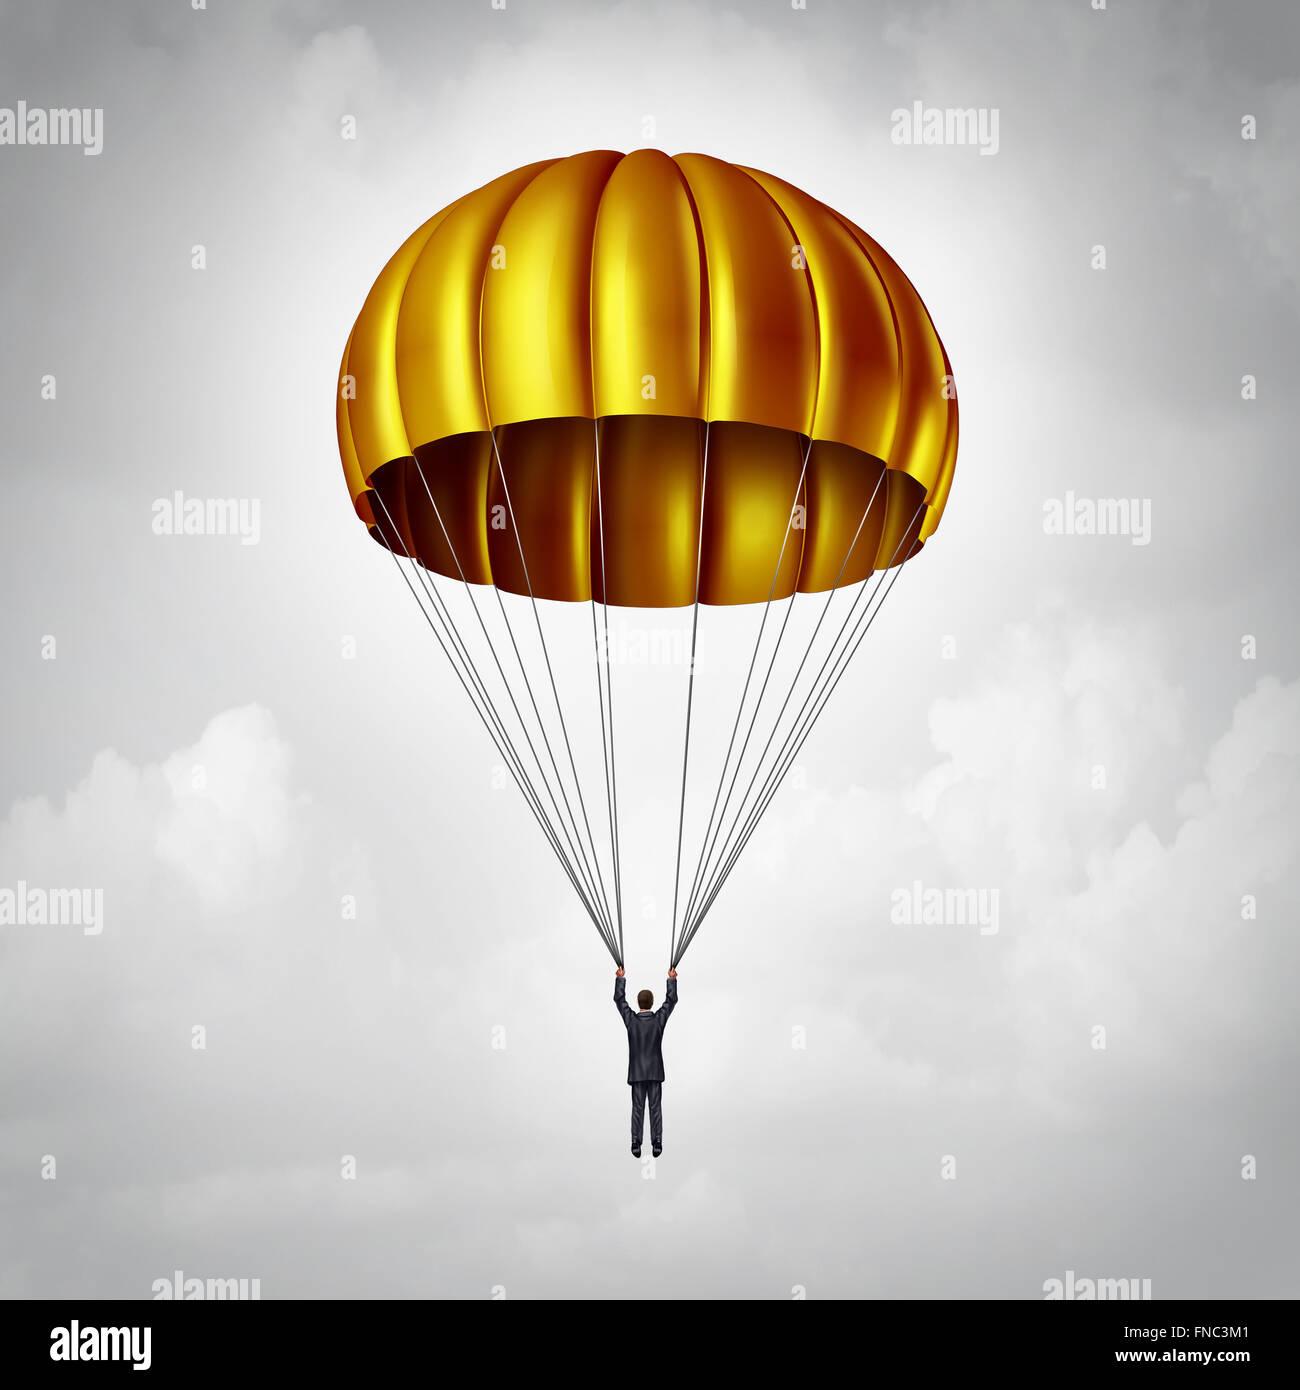 Concepto paracaídas dorado como empresario paracaidismo de forma segura con un tren de aterrizaje de oro como Imagen De Stock